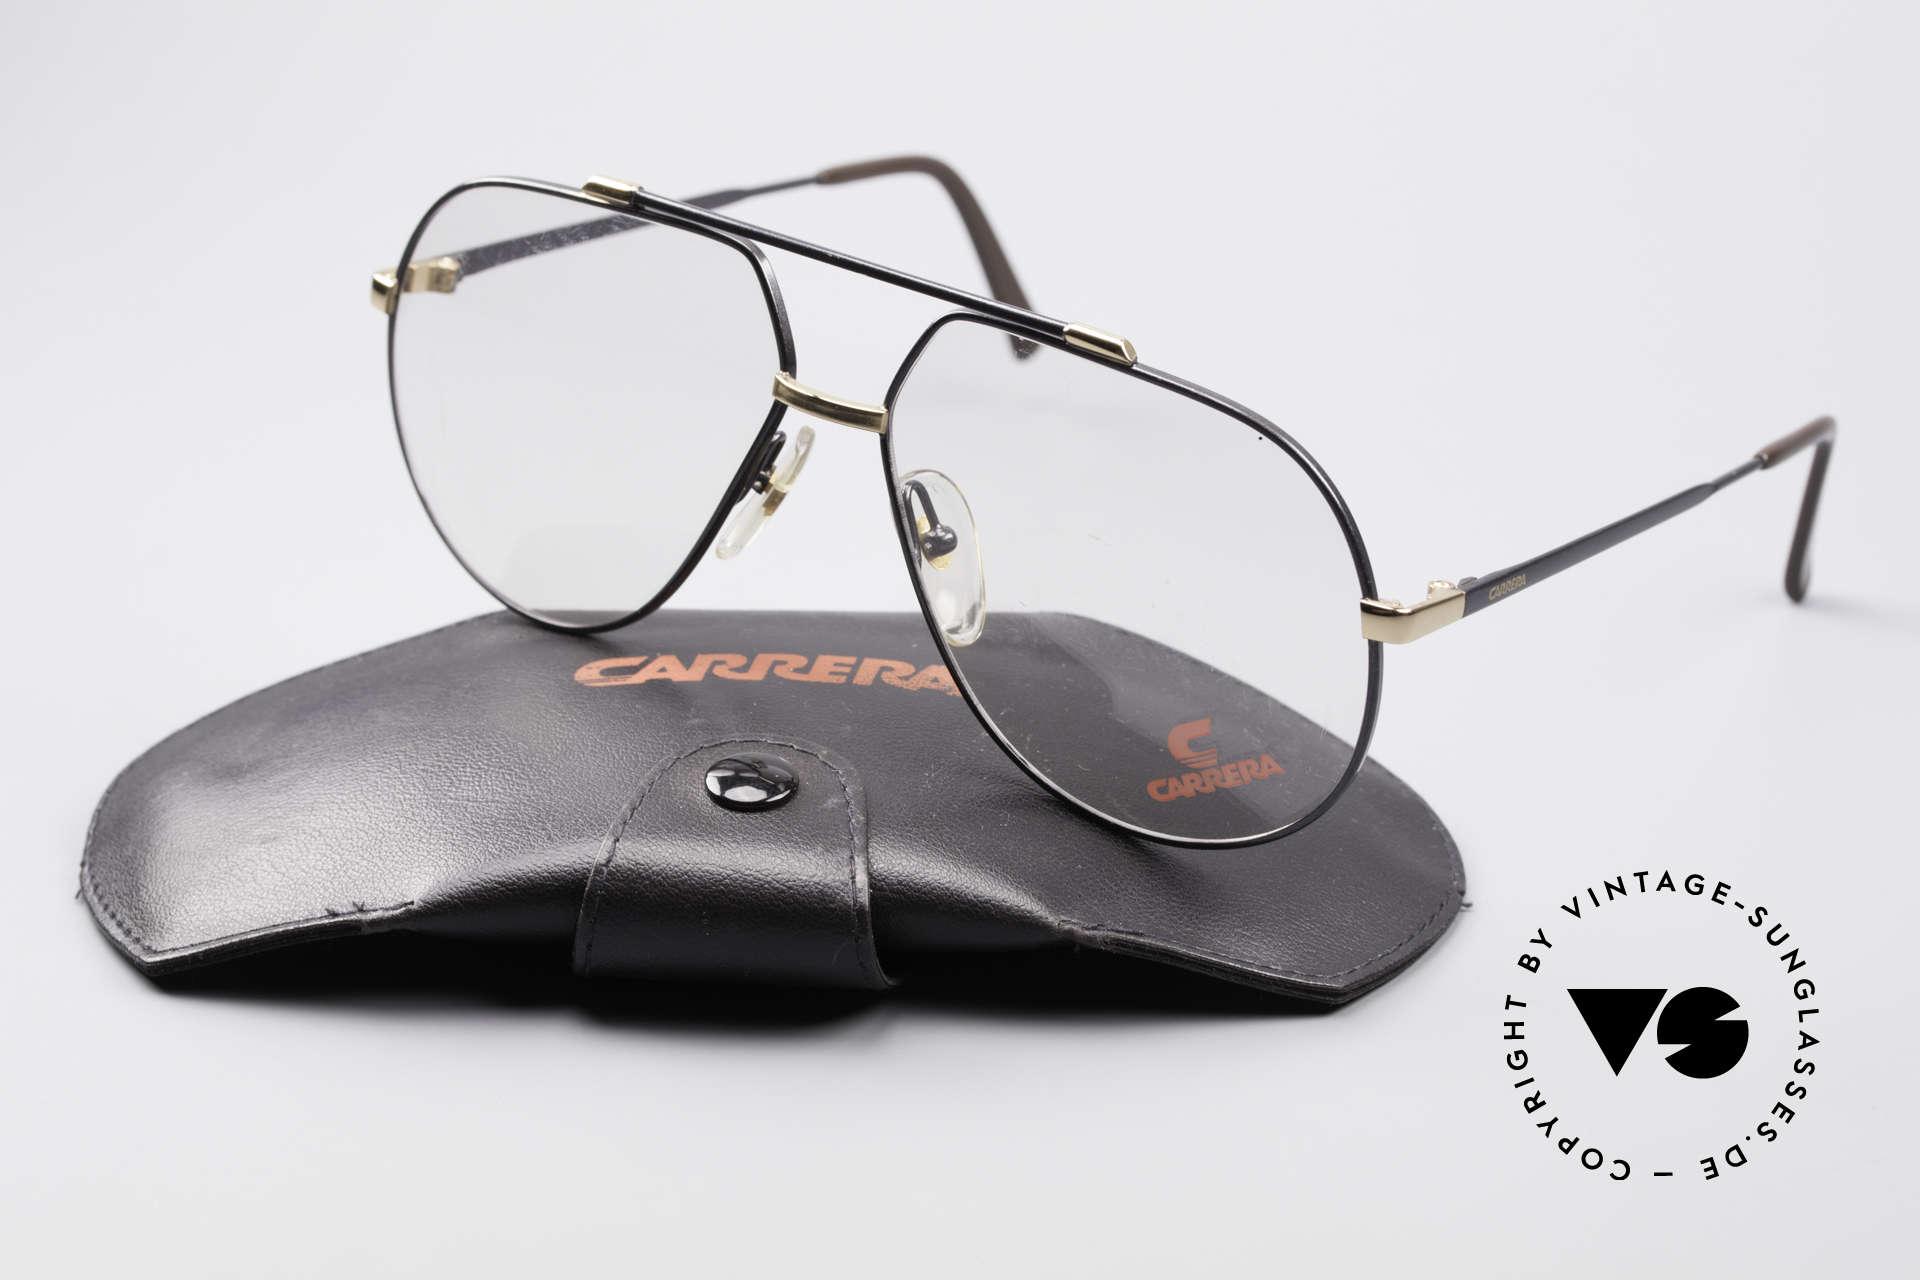 Carrera 5369 Large Vintage Eyeglasses, NO RETRO EYEWEAR, but a 25 years old ORIGINAL!, Made for Men